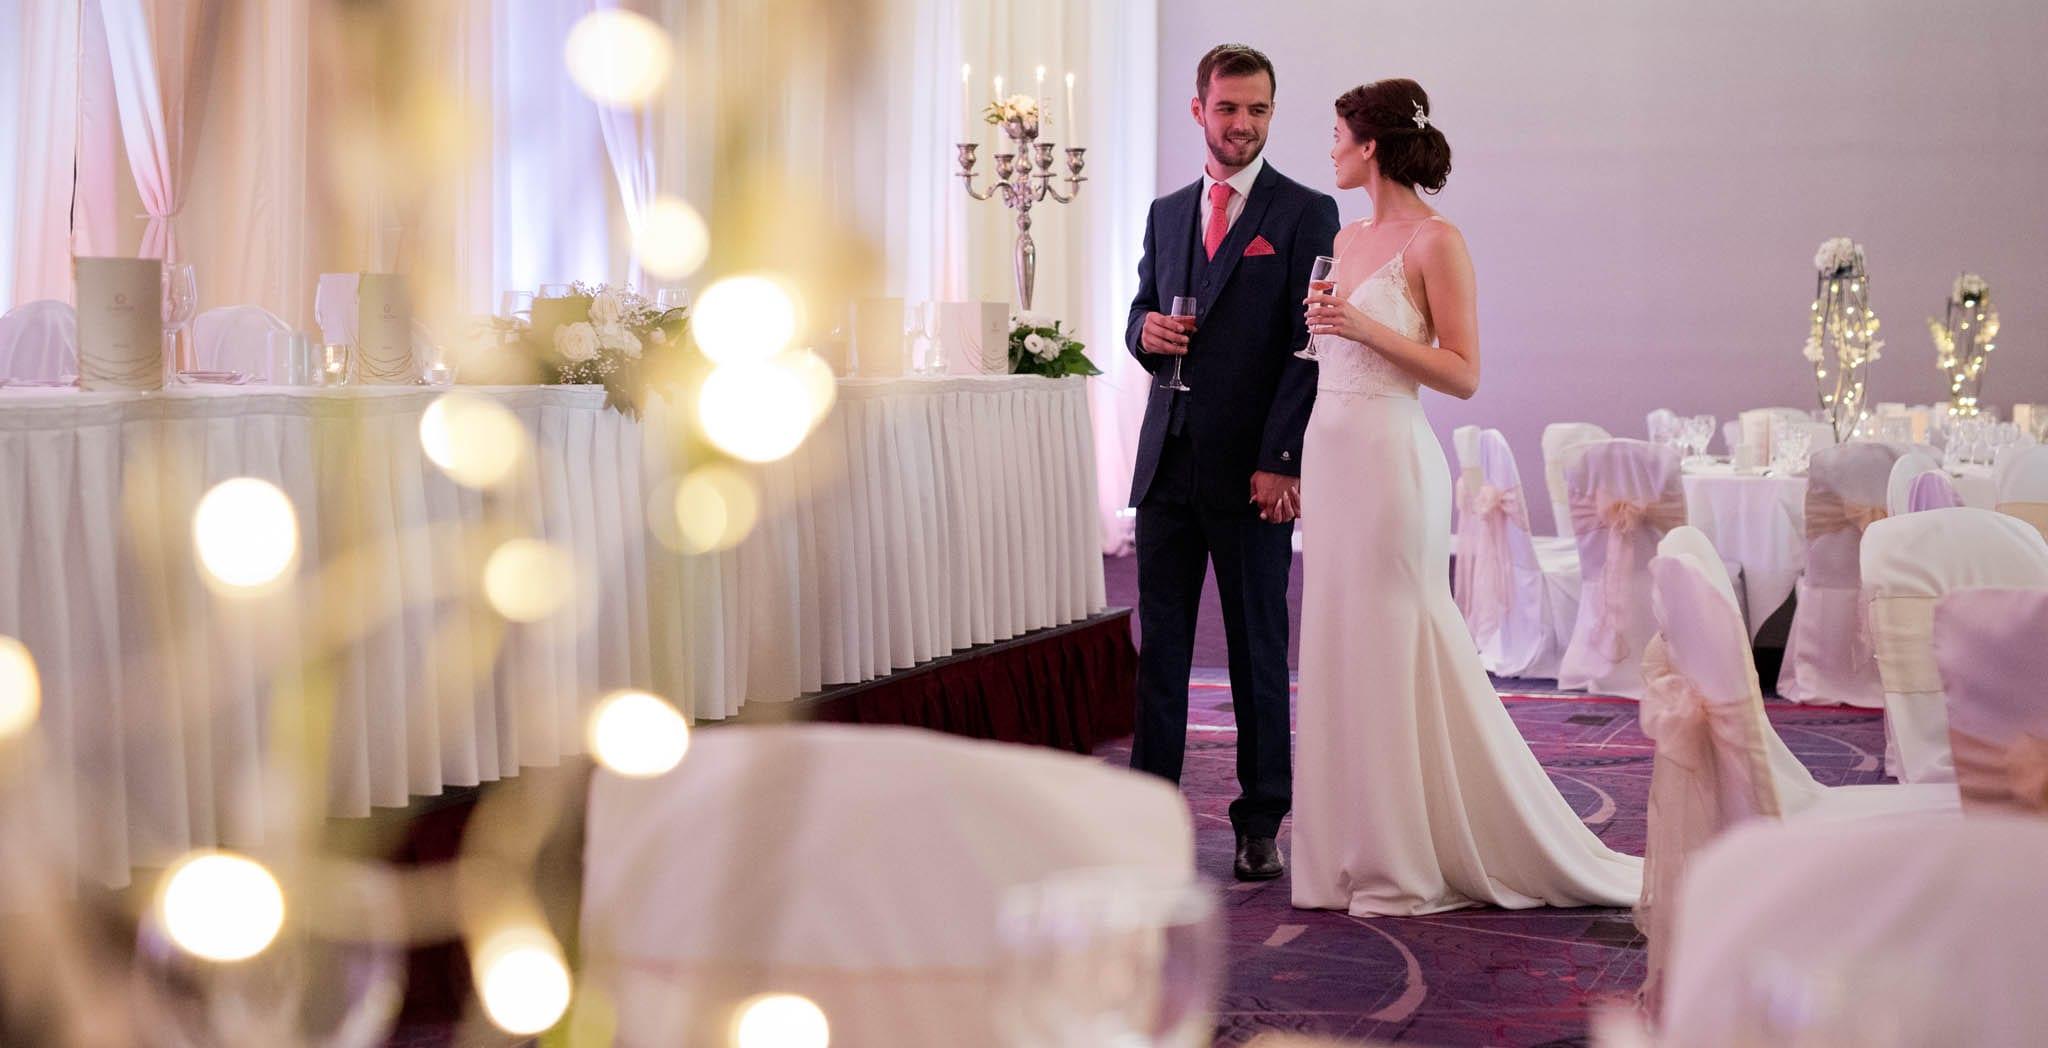 Wedding-venue-Wexford